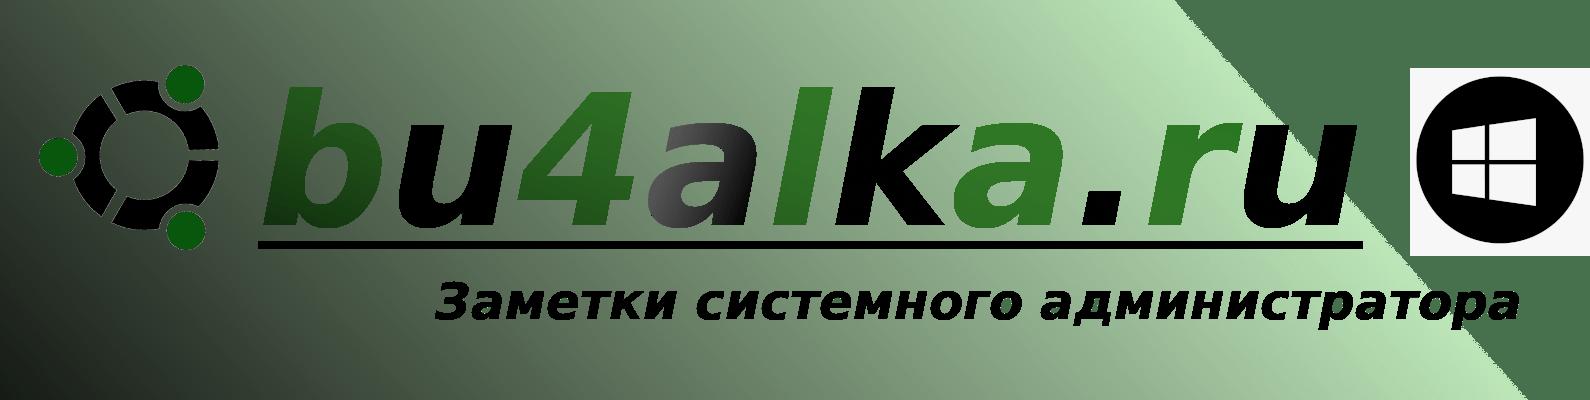 Obu4alka.ru - Заметки Системного Администратора